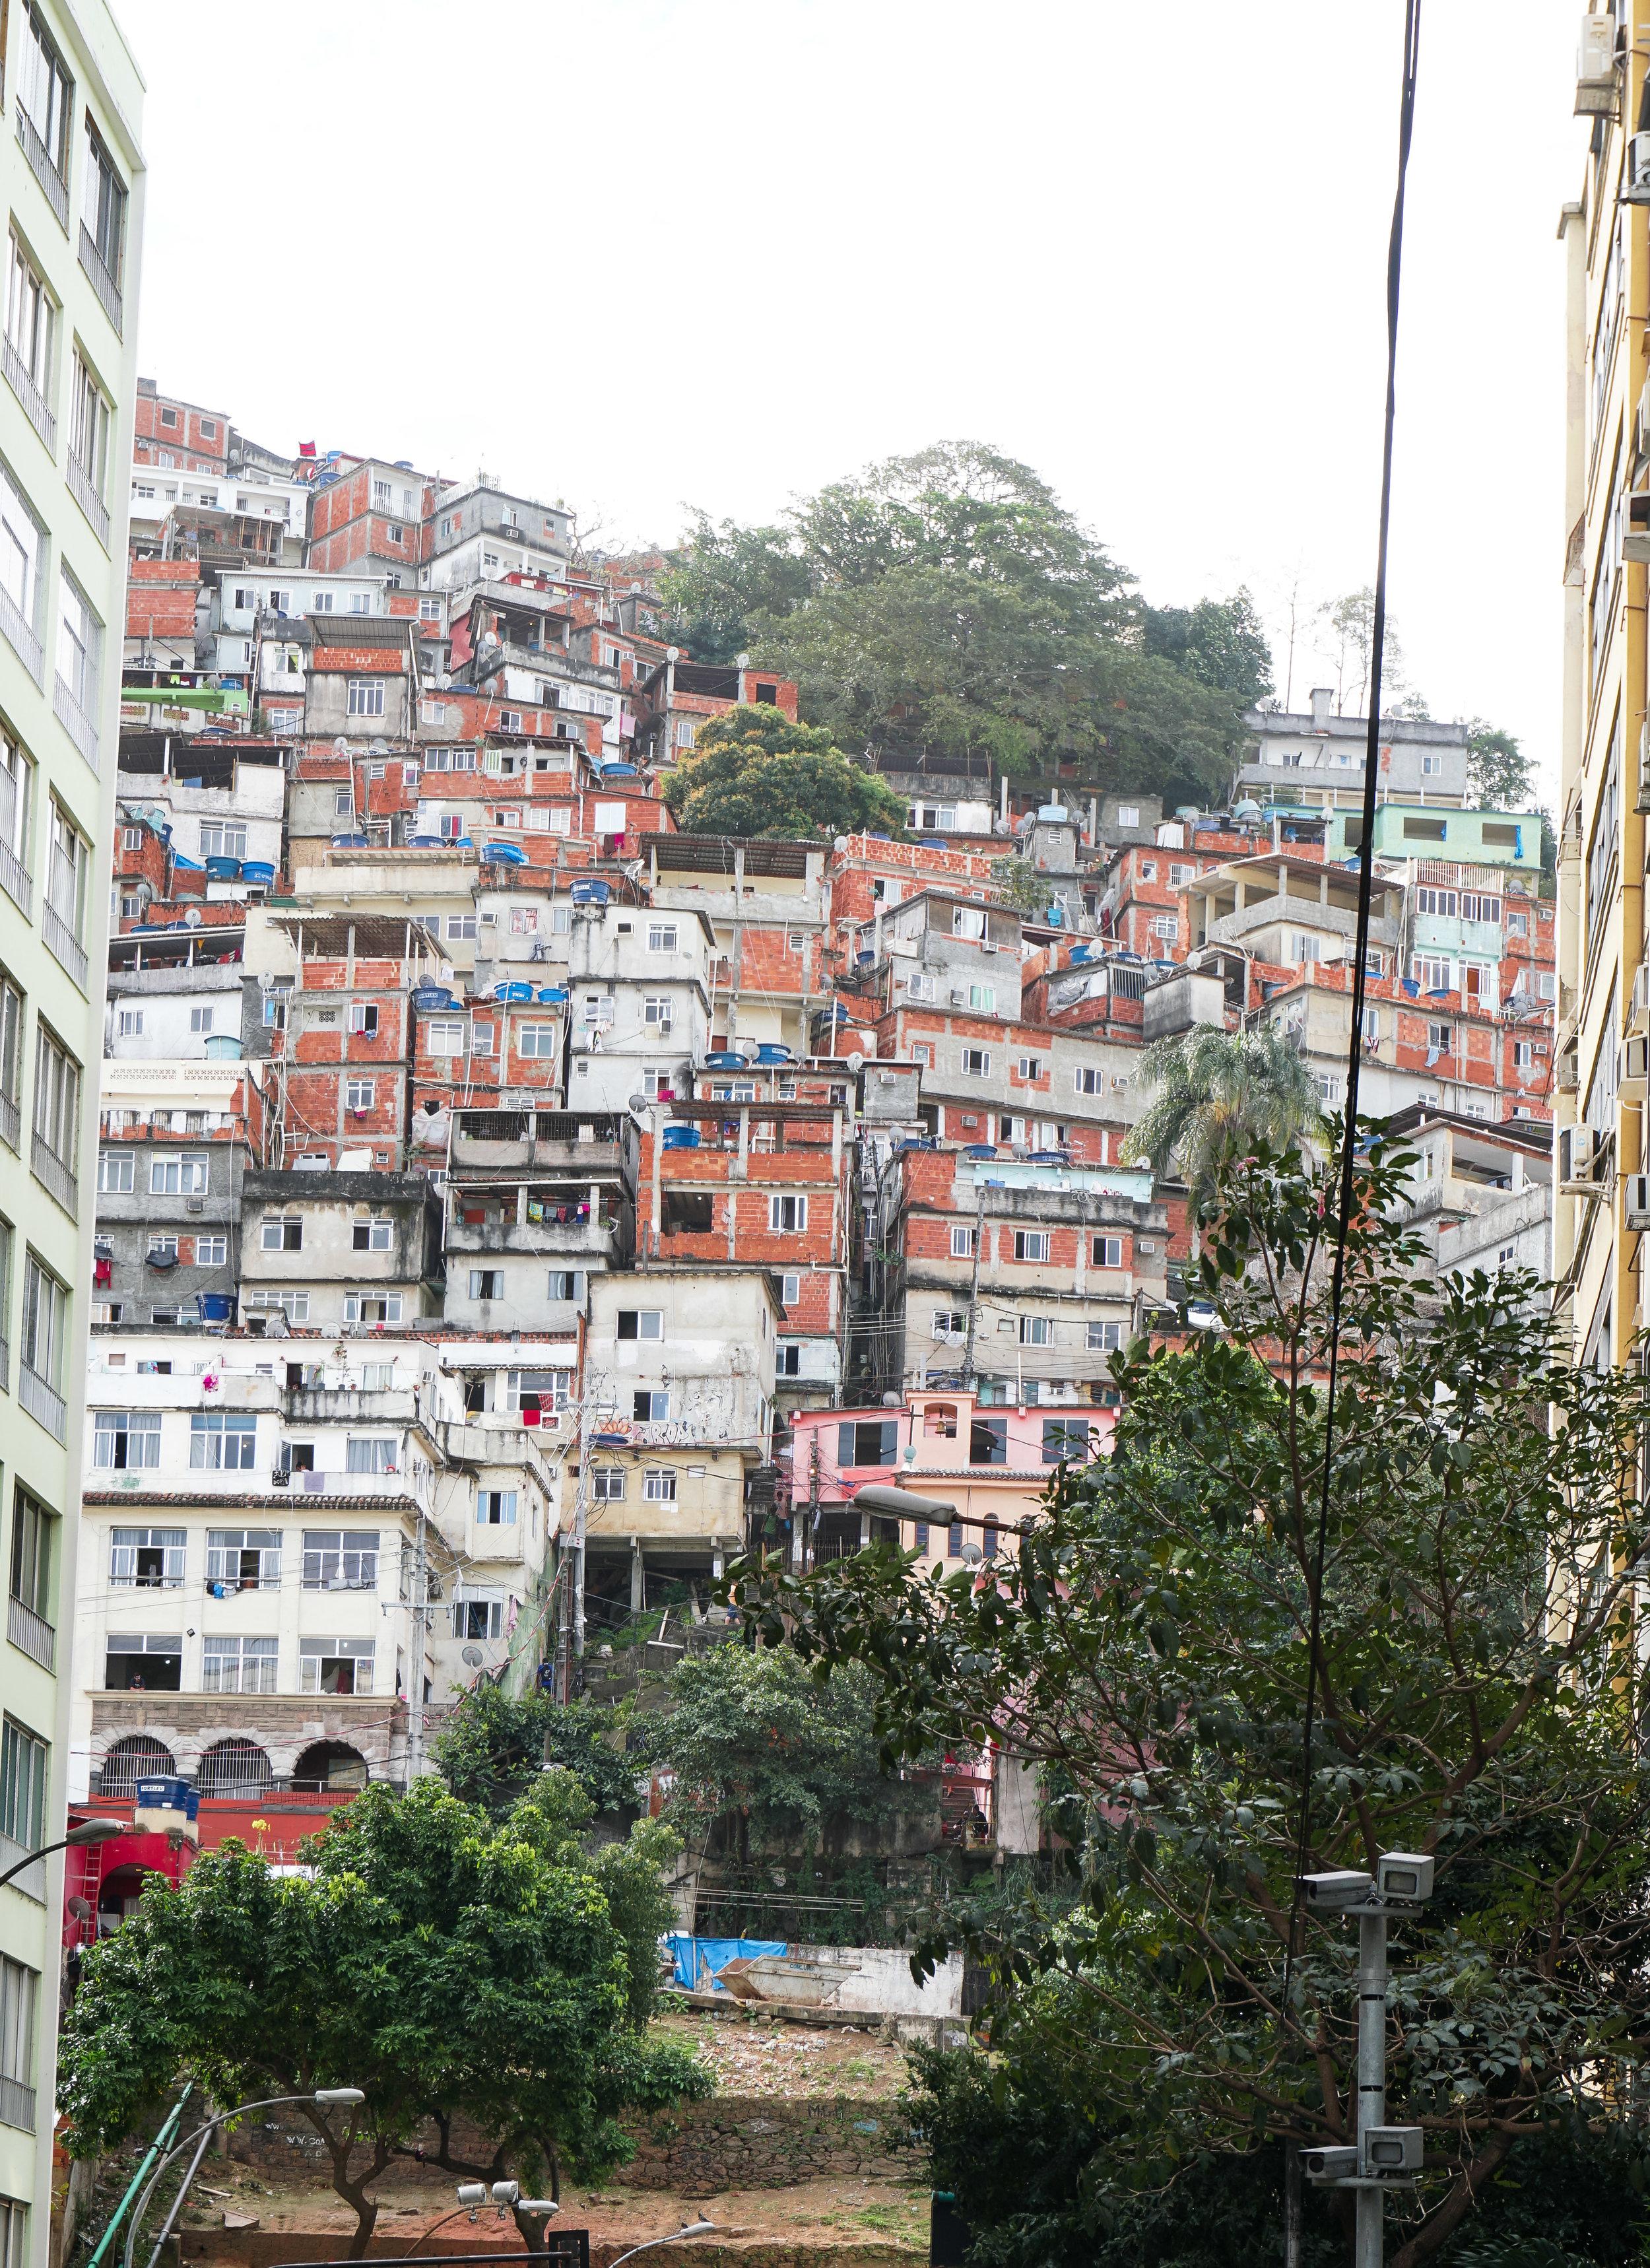 curio.trips.brazil.rio.de.janeiro.favela.portrait.jpg